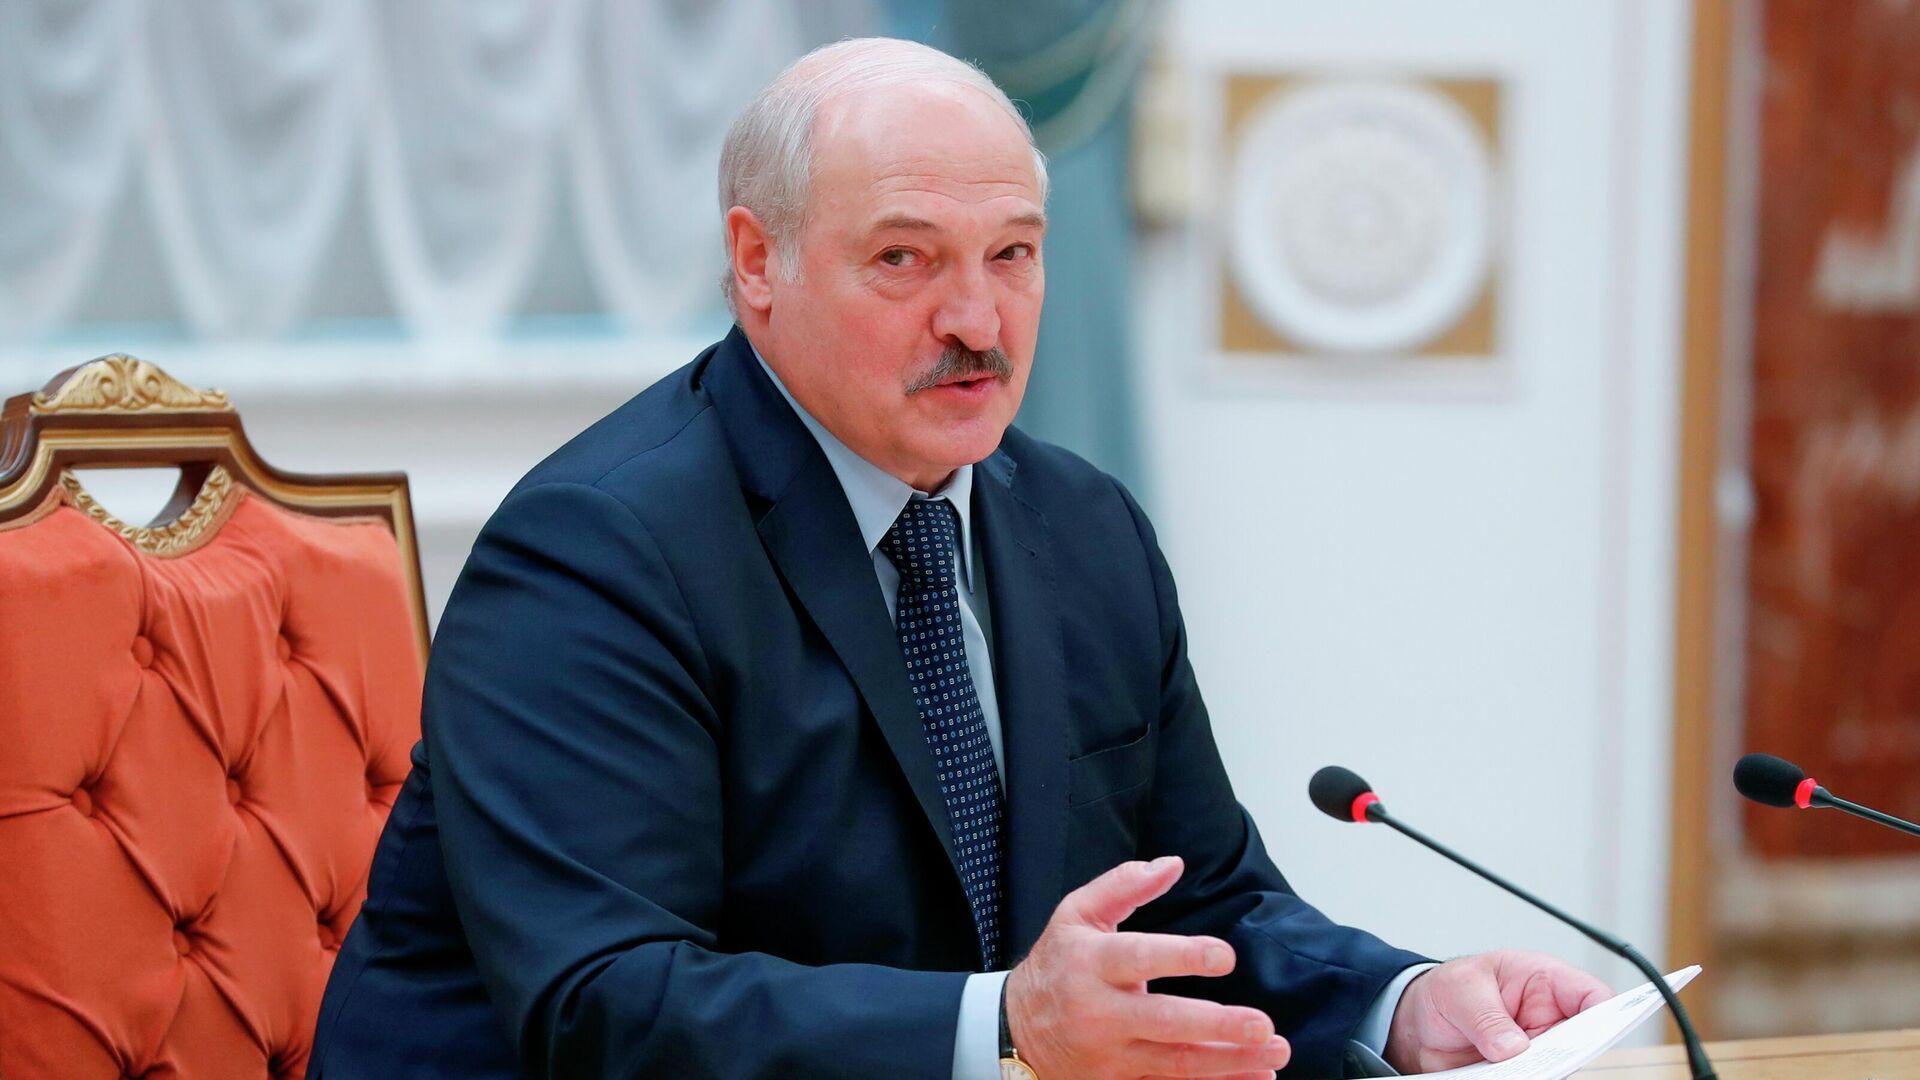 Президент Белоруссии Александр Лукашенко принимает участие в заседании Совета глав правительств СНГ - РИА Новости, 1920, 21.06.2021